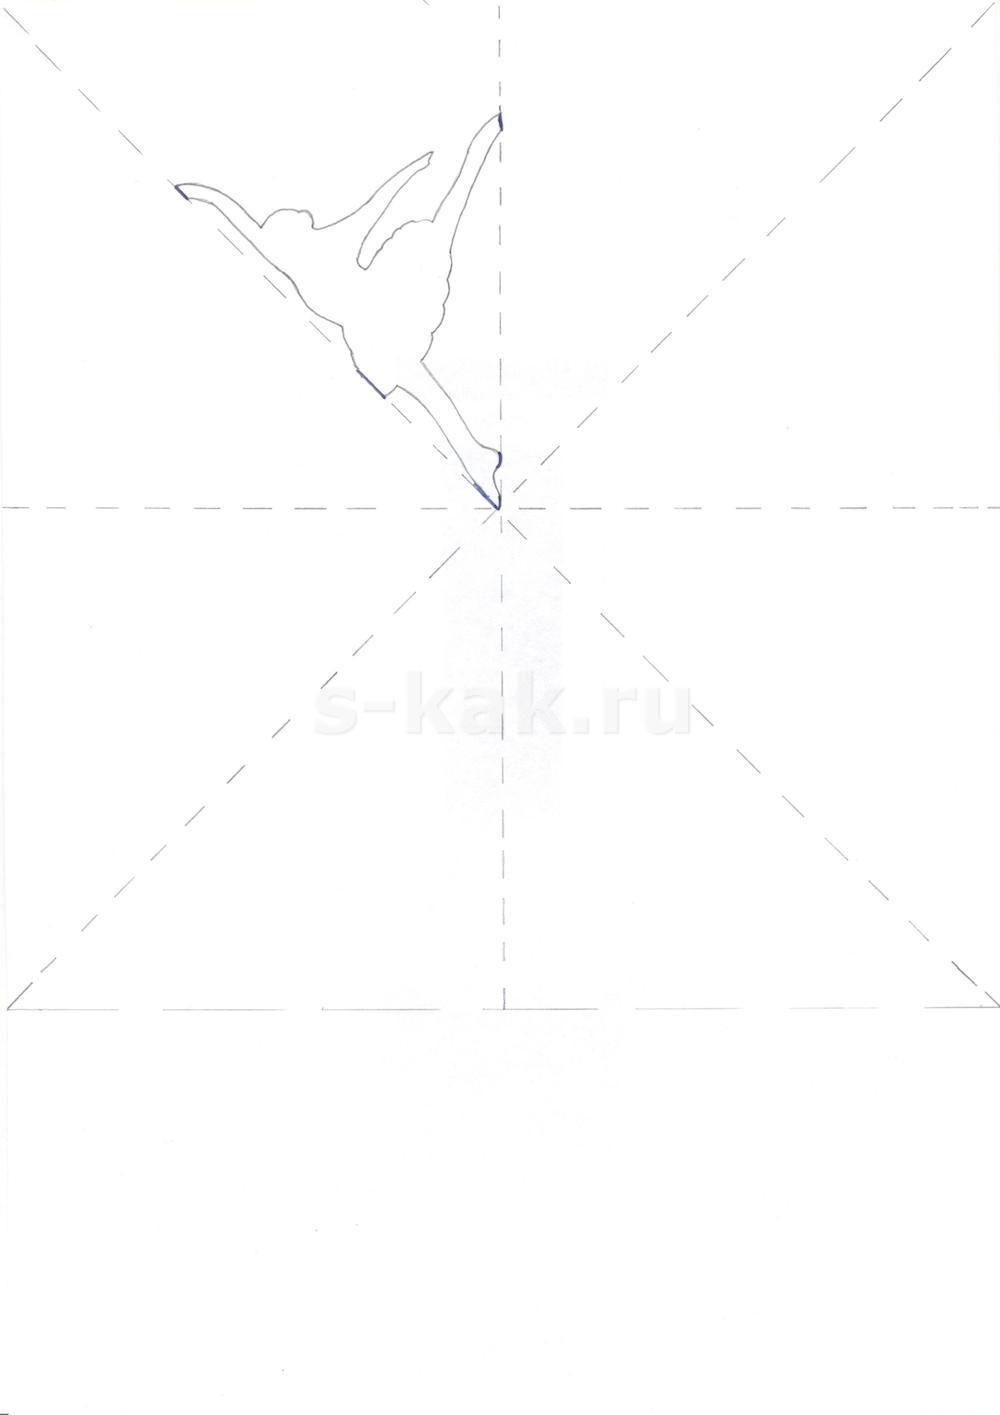 Схема снежинки № 1 из бумаги